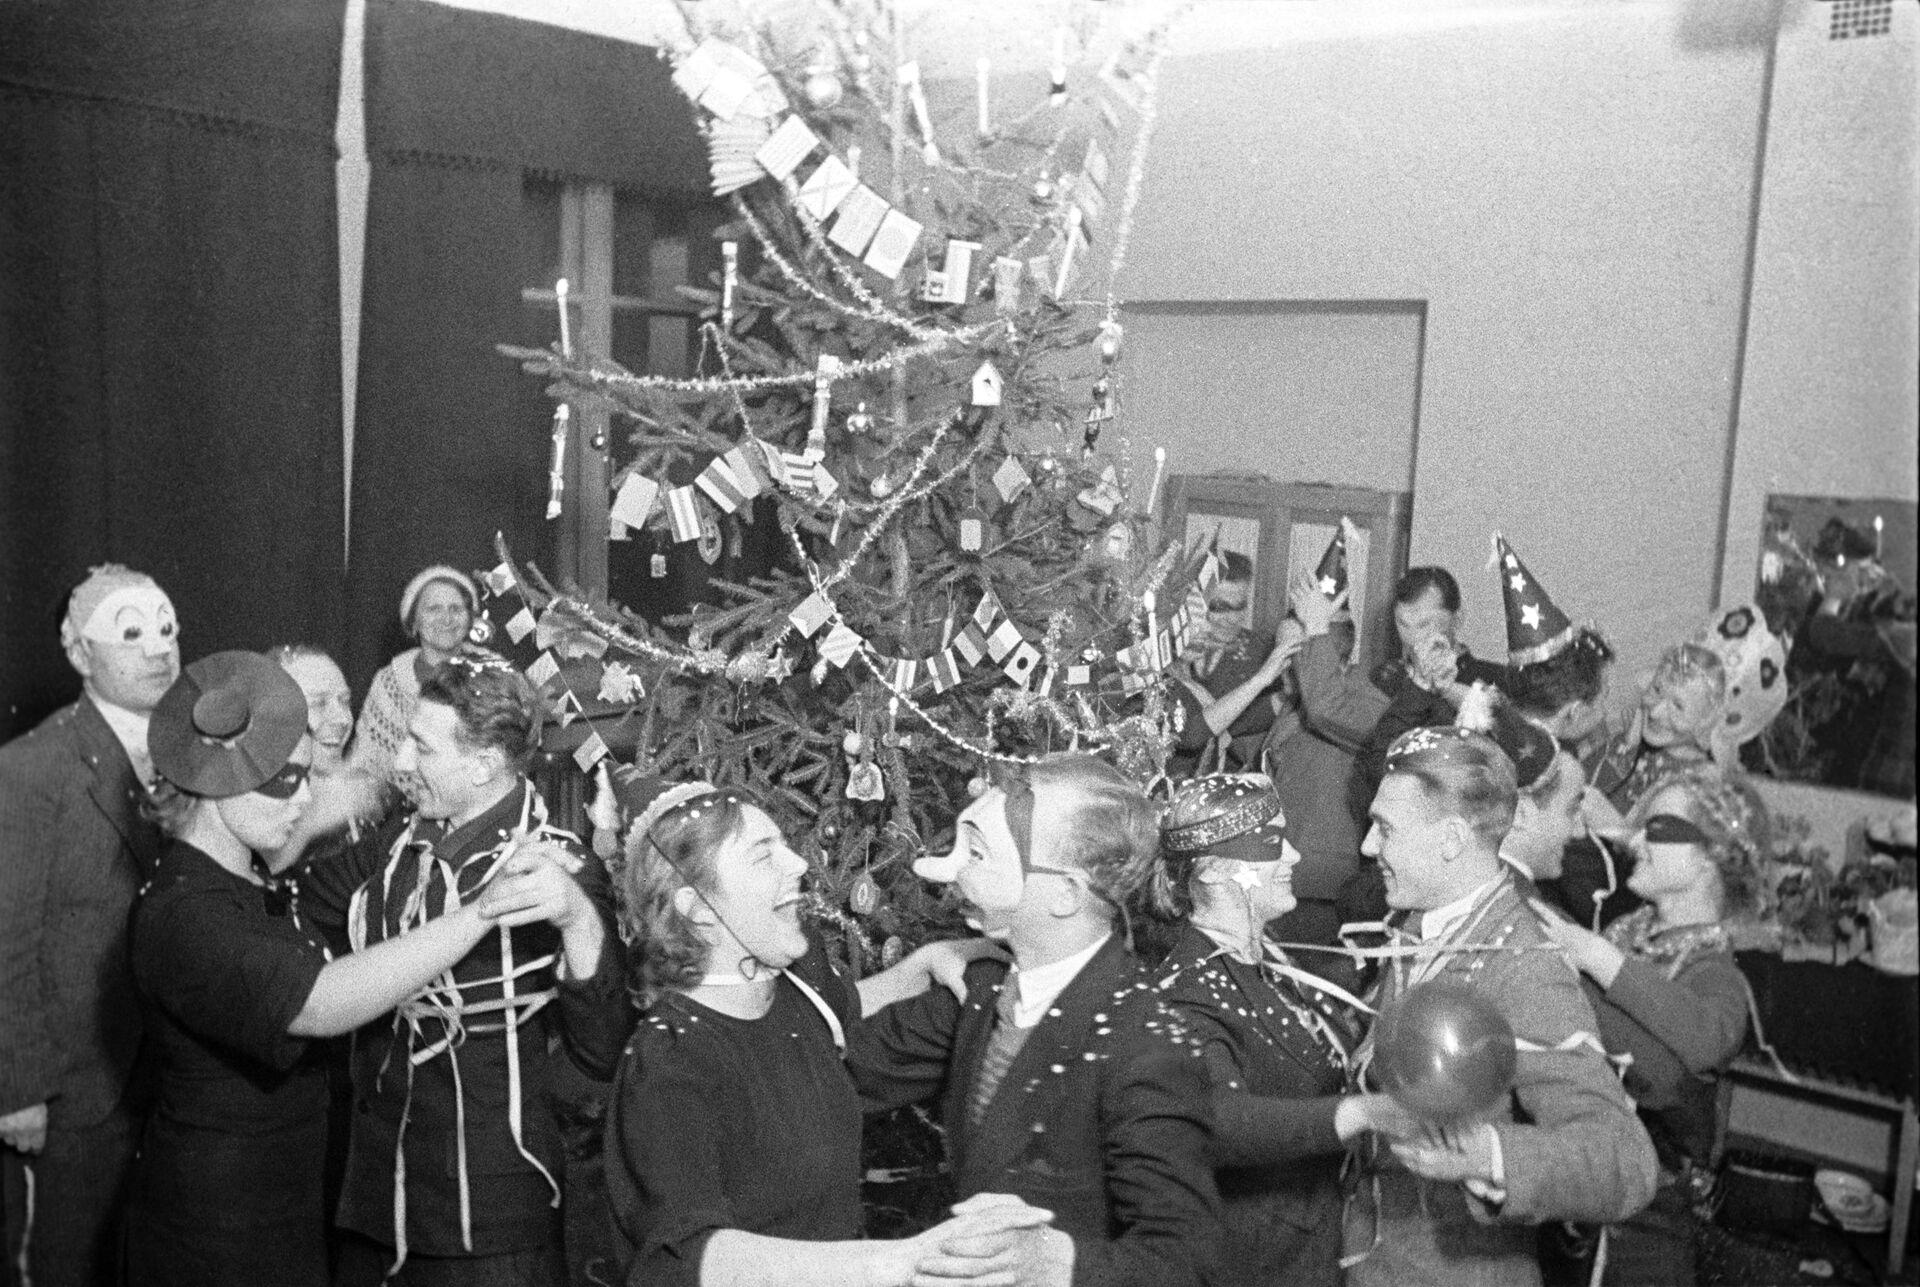 Новогодний вечер в одном из московских клубов. 1938 год - РИА Новости, 1920, 27.12.2020